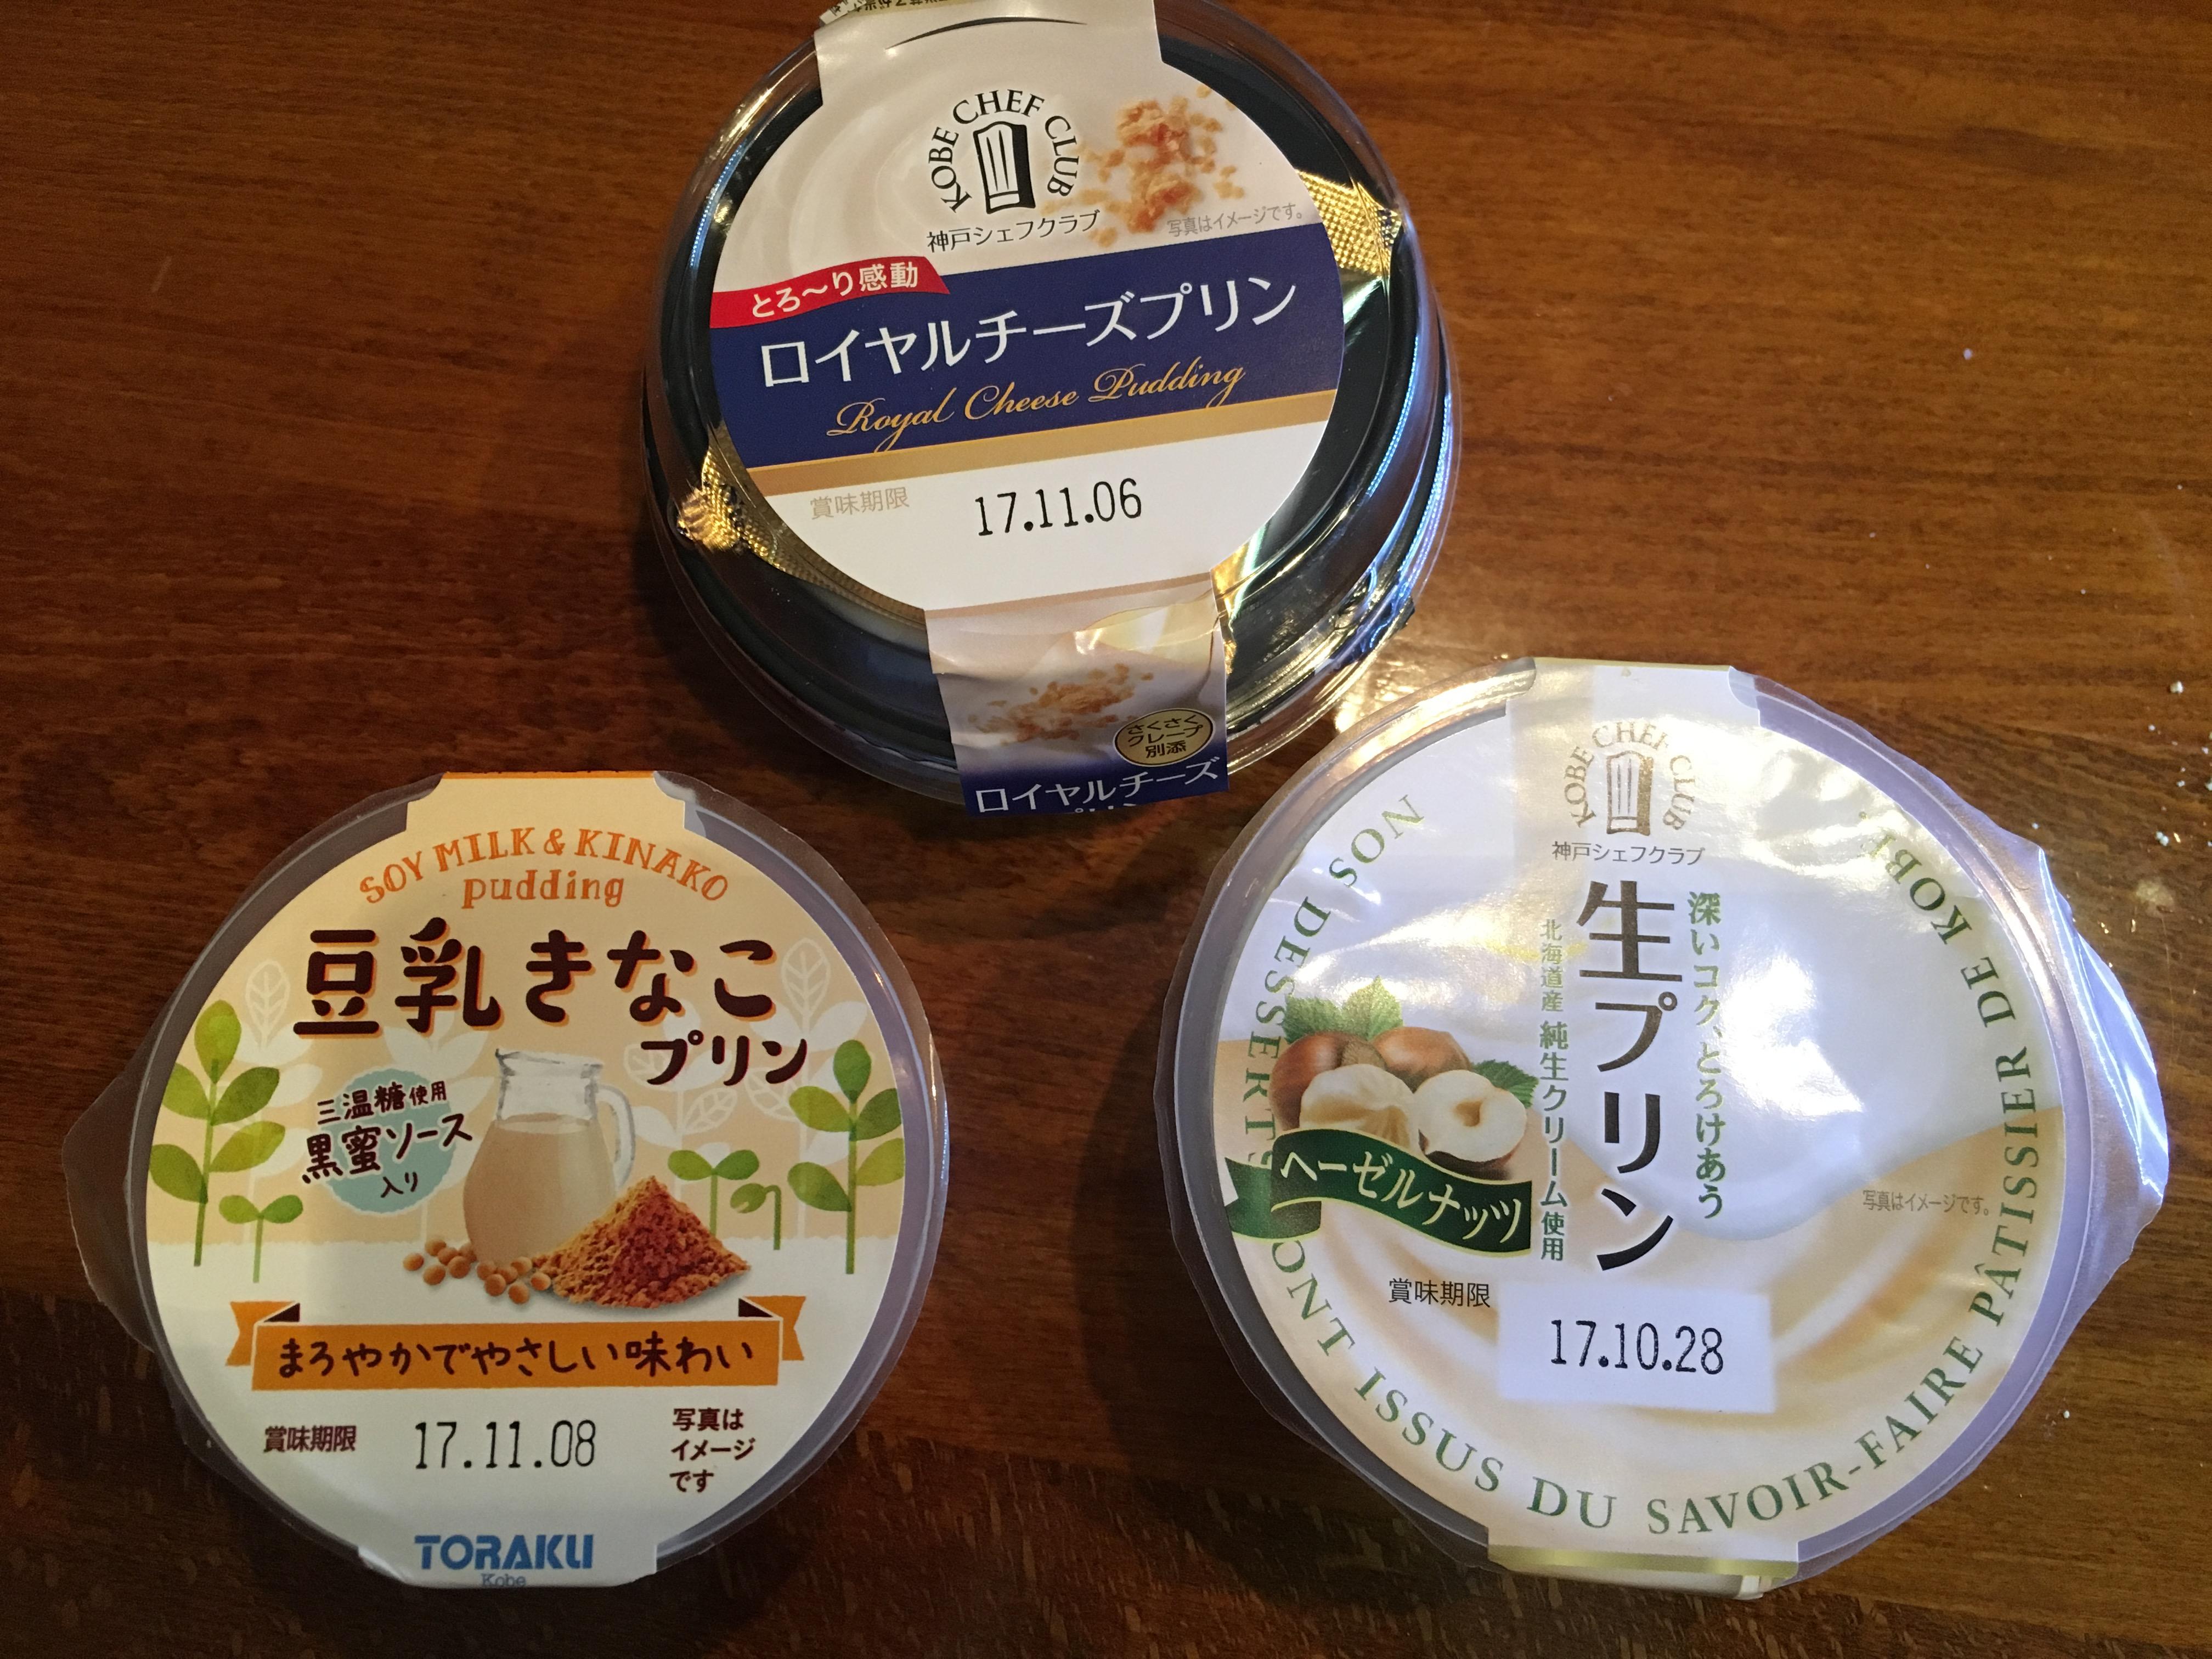 トーラクの美味しいプリン3種類を食べ比べ!1番おすすめの味は?